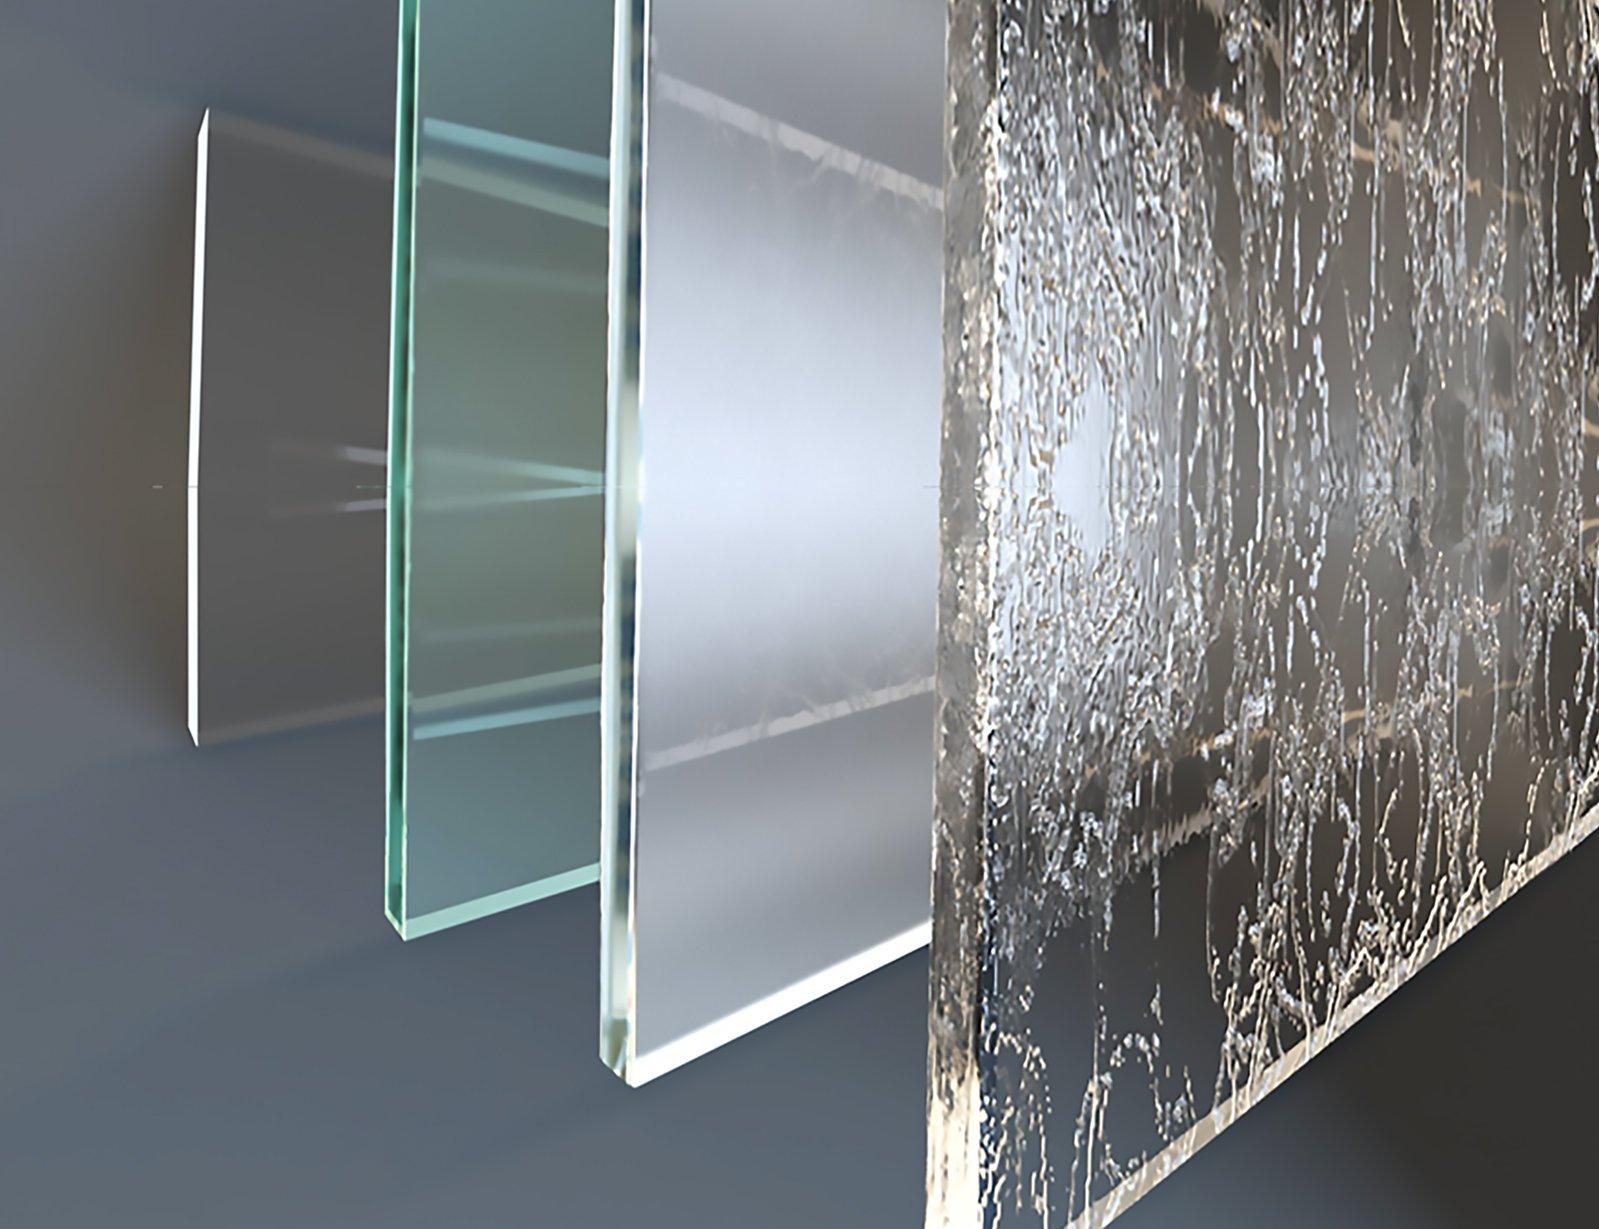 Разделение стекла на классы по характеристикам